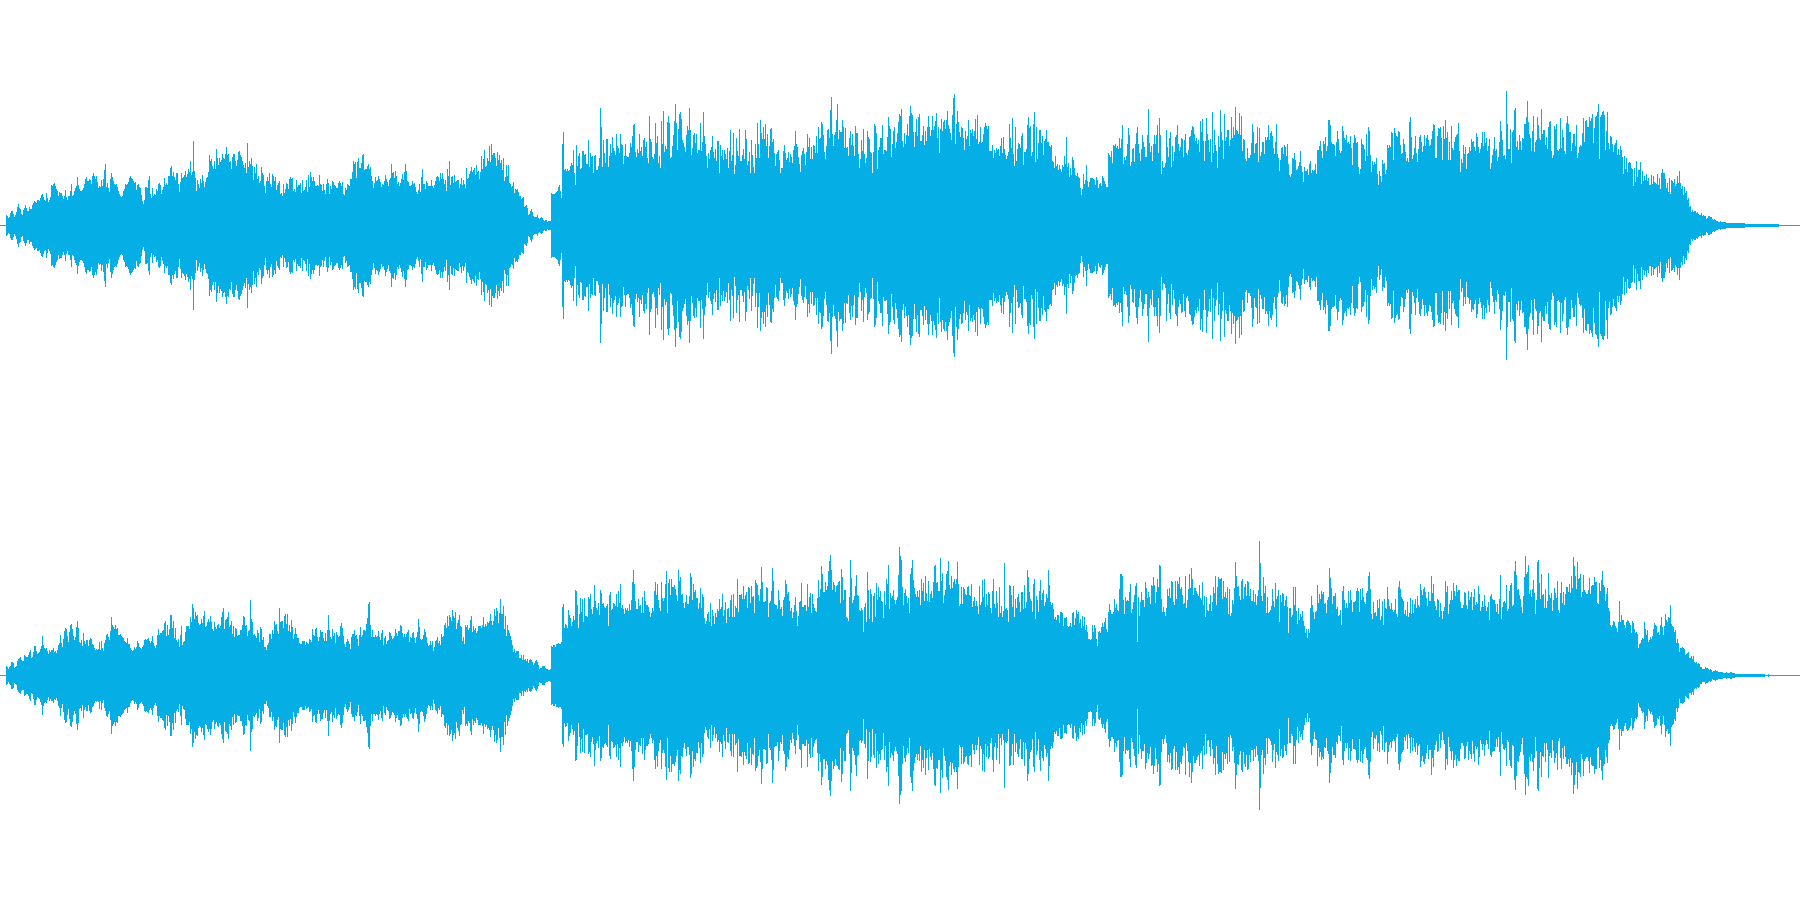 キラキラシンセと笛のほのぼのしたジングルの再生済みの波形